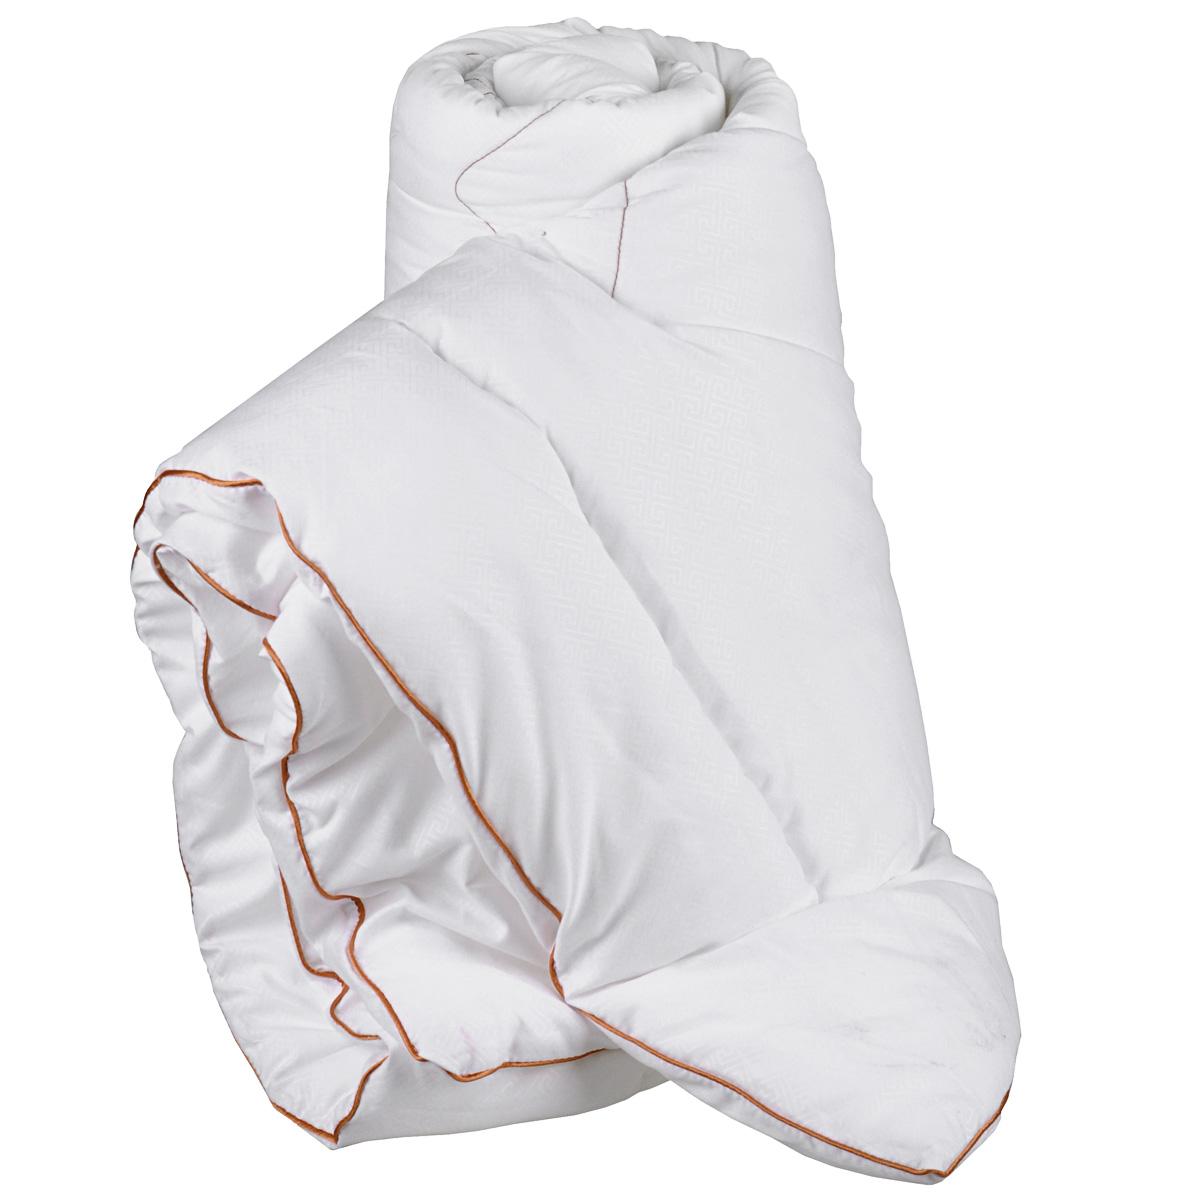 Одеяло Primavelle Afina, наполнитель: лебяжий пух, 172 см х 205 см012H1800Одеяло Primavelle Afina - стильная и комфортная постельная принадлежность, которая подарит уют и позволит окунуться в здоровый и спокойный сон. Чехол одеяла выполнен из однотонной бархатистой ткани биософт с тисненым рисунком, украшен декоративной ниточной стежкой греческие узоры и атласным кантом шоколадного цвета. Чехол также имеет специальную обработку Peach-эффект, благодаря которой ткань становится нежной и приобретает бархатистую фактуру. Внутри - наполнитель из искусственного лебяжьего пуха, который является аналогом натурального пуха и представляет собой сверхтонкое волокно нового поколения. Благодаря этому одеяло очень мягкое и легкое, не накапливает пыль и запахи. Важным преимуществом является гипоаллергенность наполнителя, поэтому одеяло отлично подходит как взрослым, так и детям. Легкое и объемное, оно имеет среднюю степень теплоты и отличную терморегуляцию: под ним будет тепло зимой и не жарко летом. Одеяло просто в уходе, подходит для машинной стирки, быстро сохнет, отличается износостойкостью и практичностью. Окунитесь в мир Древней Эллады вместе с одеялом Afina. Материал чехла: биософт (100% полиэстер). Наполнитель: лебяжий пух (100% полиэстер). Степень теплоты: 3. Размер: 172 см х 205 см.